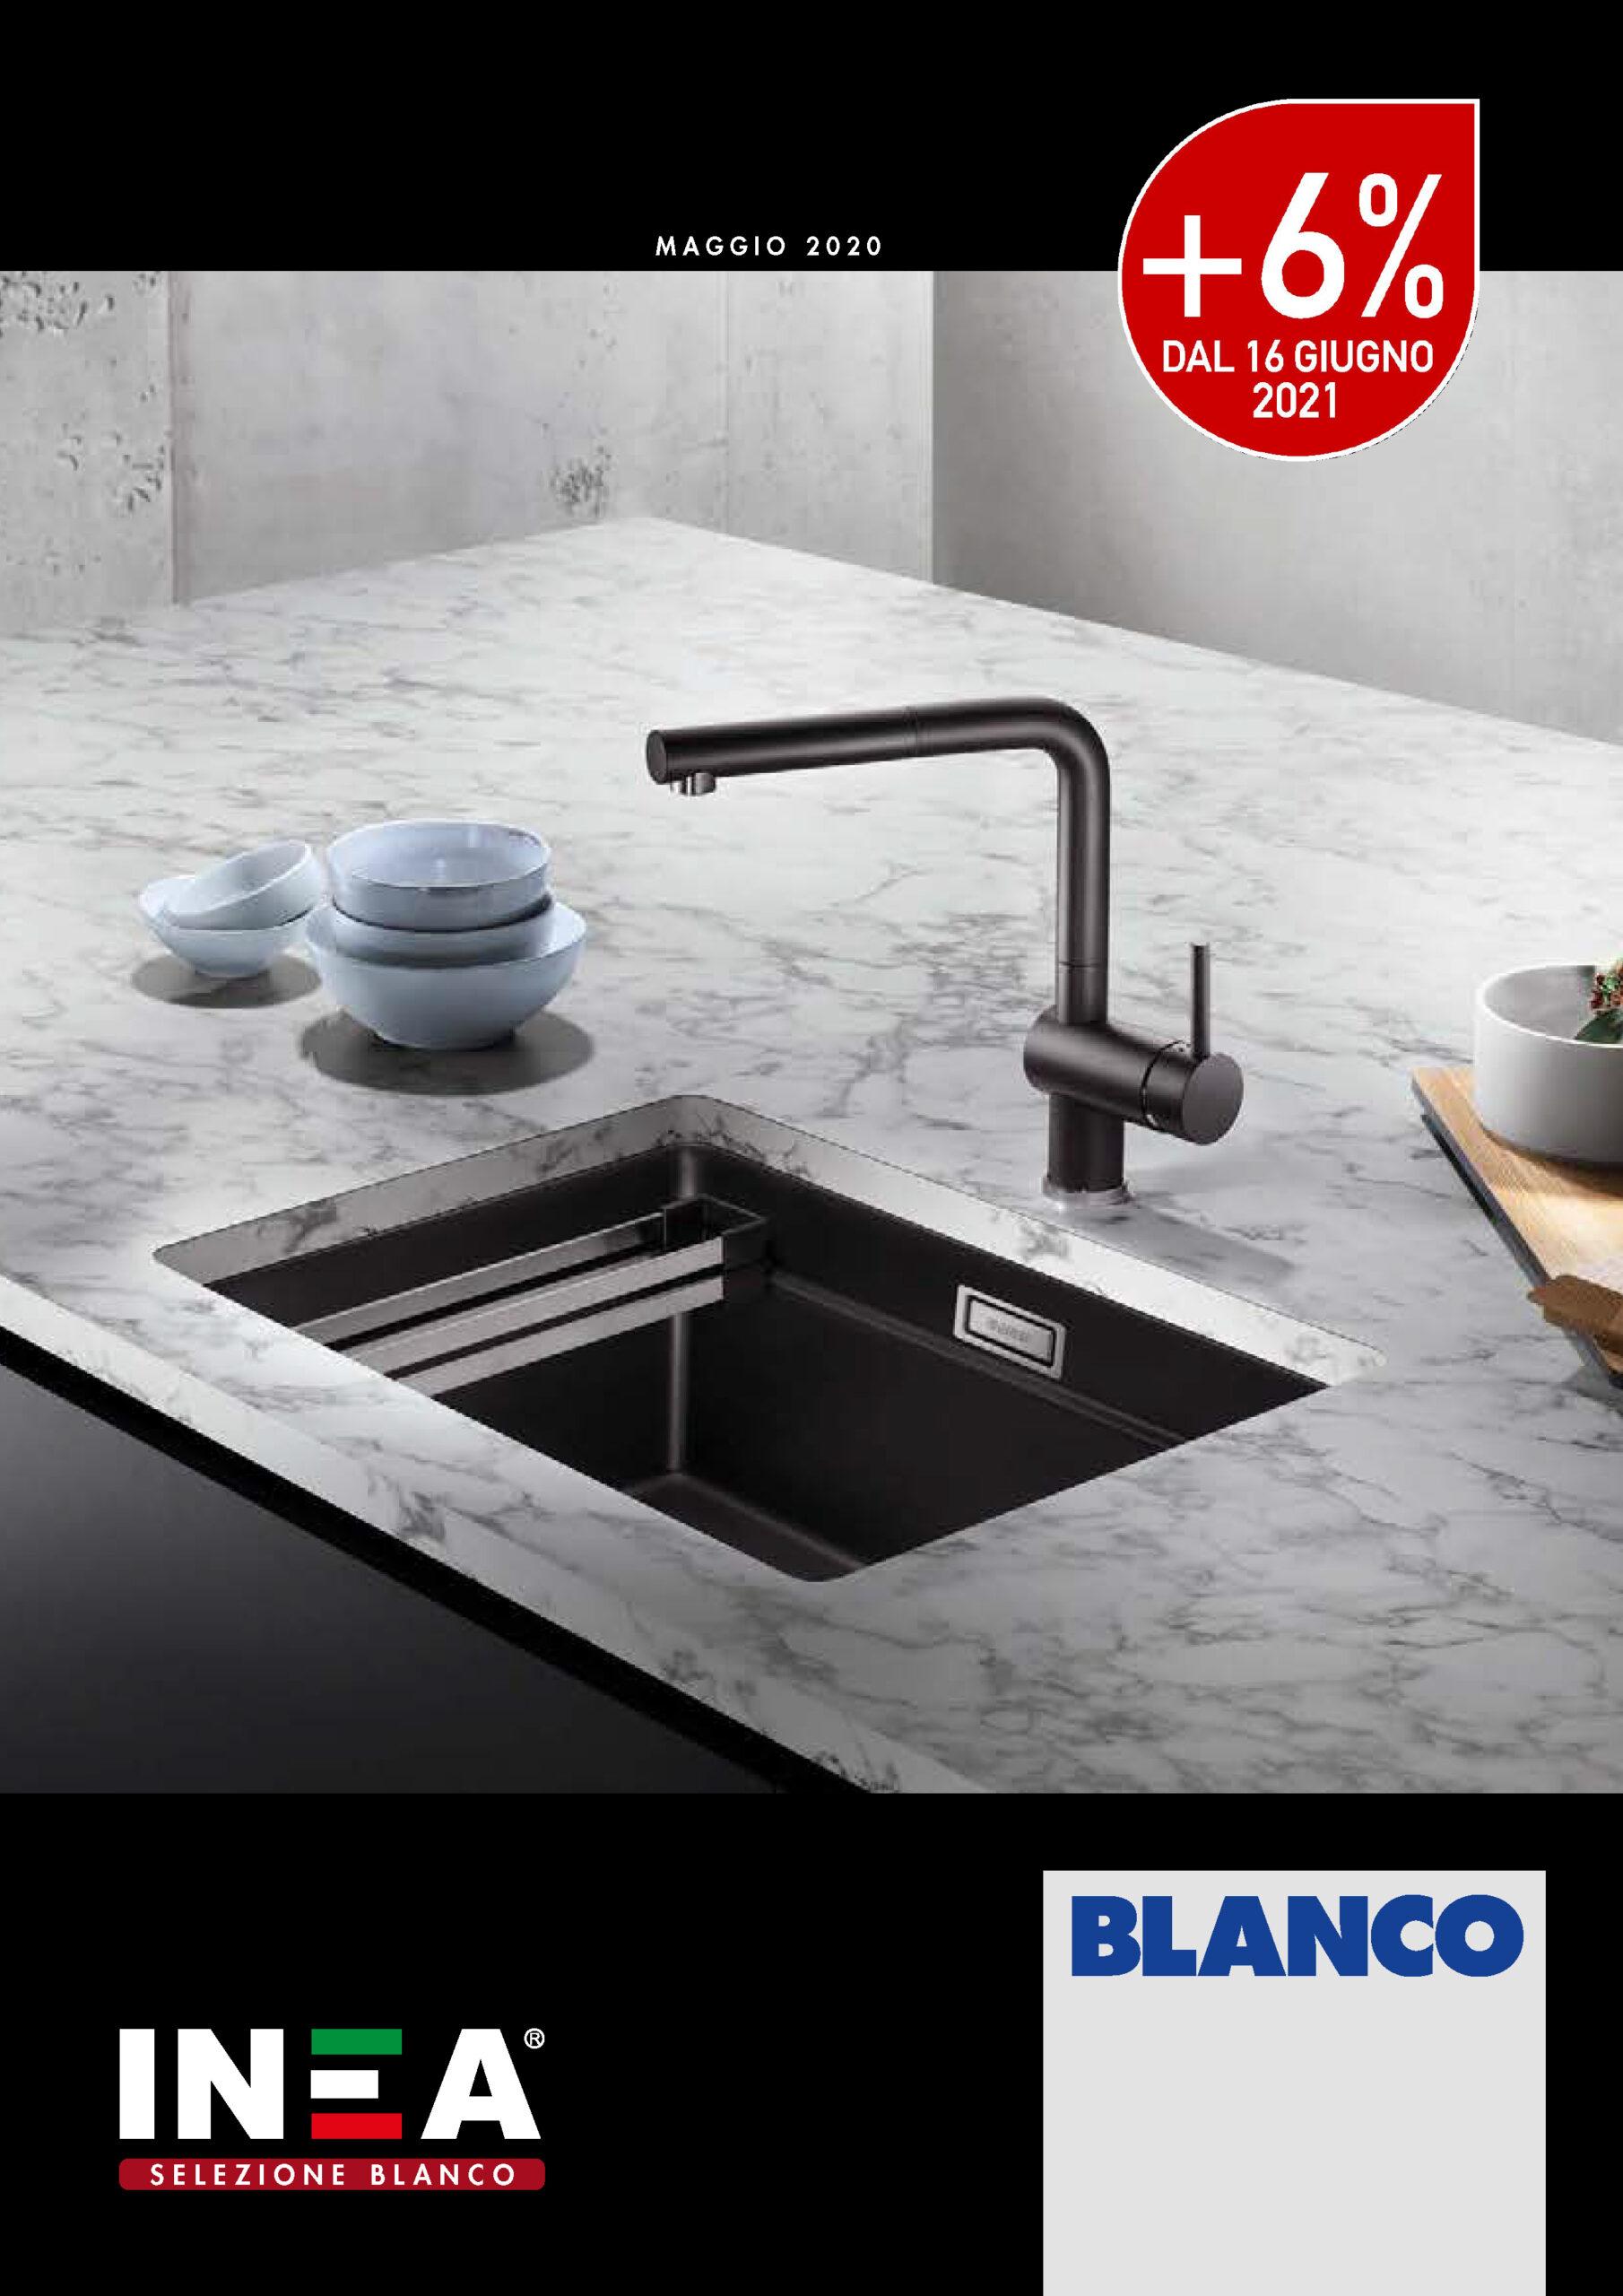 BLANCO – Selezione INEA 2020